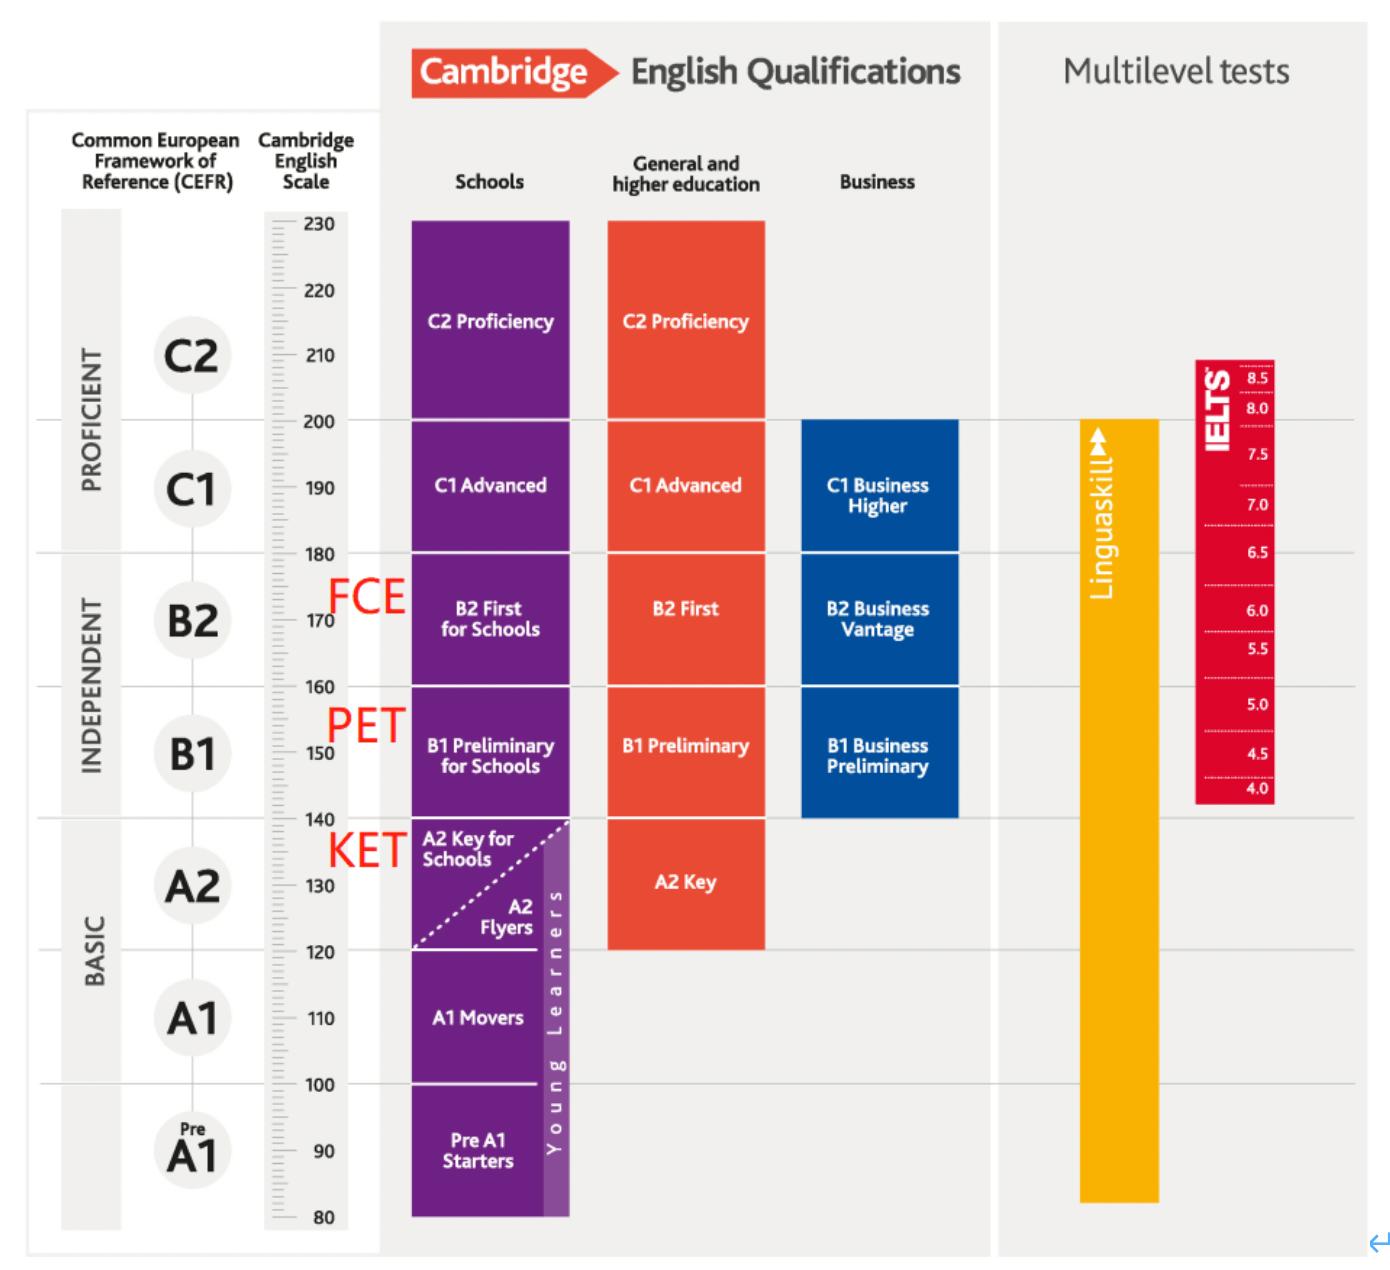 KET/PET/FCE/CAE/CPE彼此有什么区别和联系?_剑桥通用英语五级考试(MSE)成绩等级规则